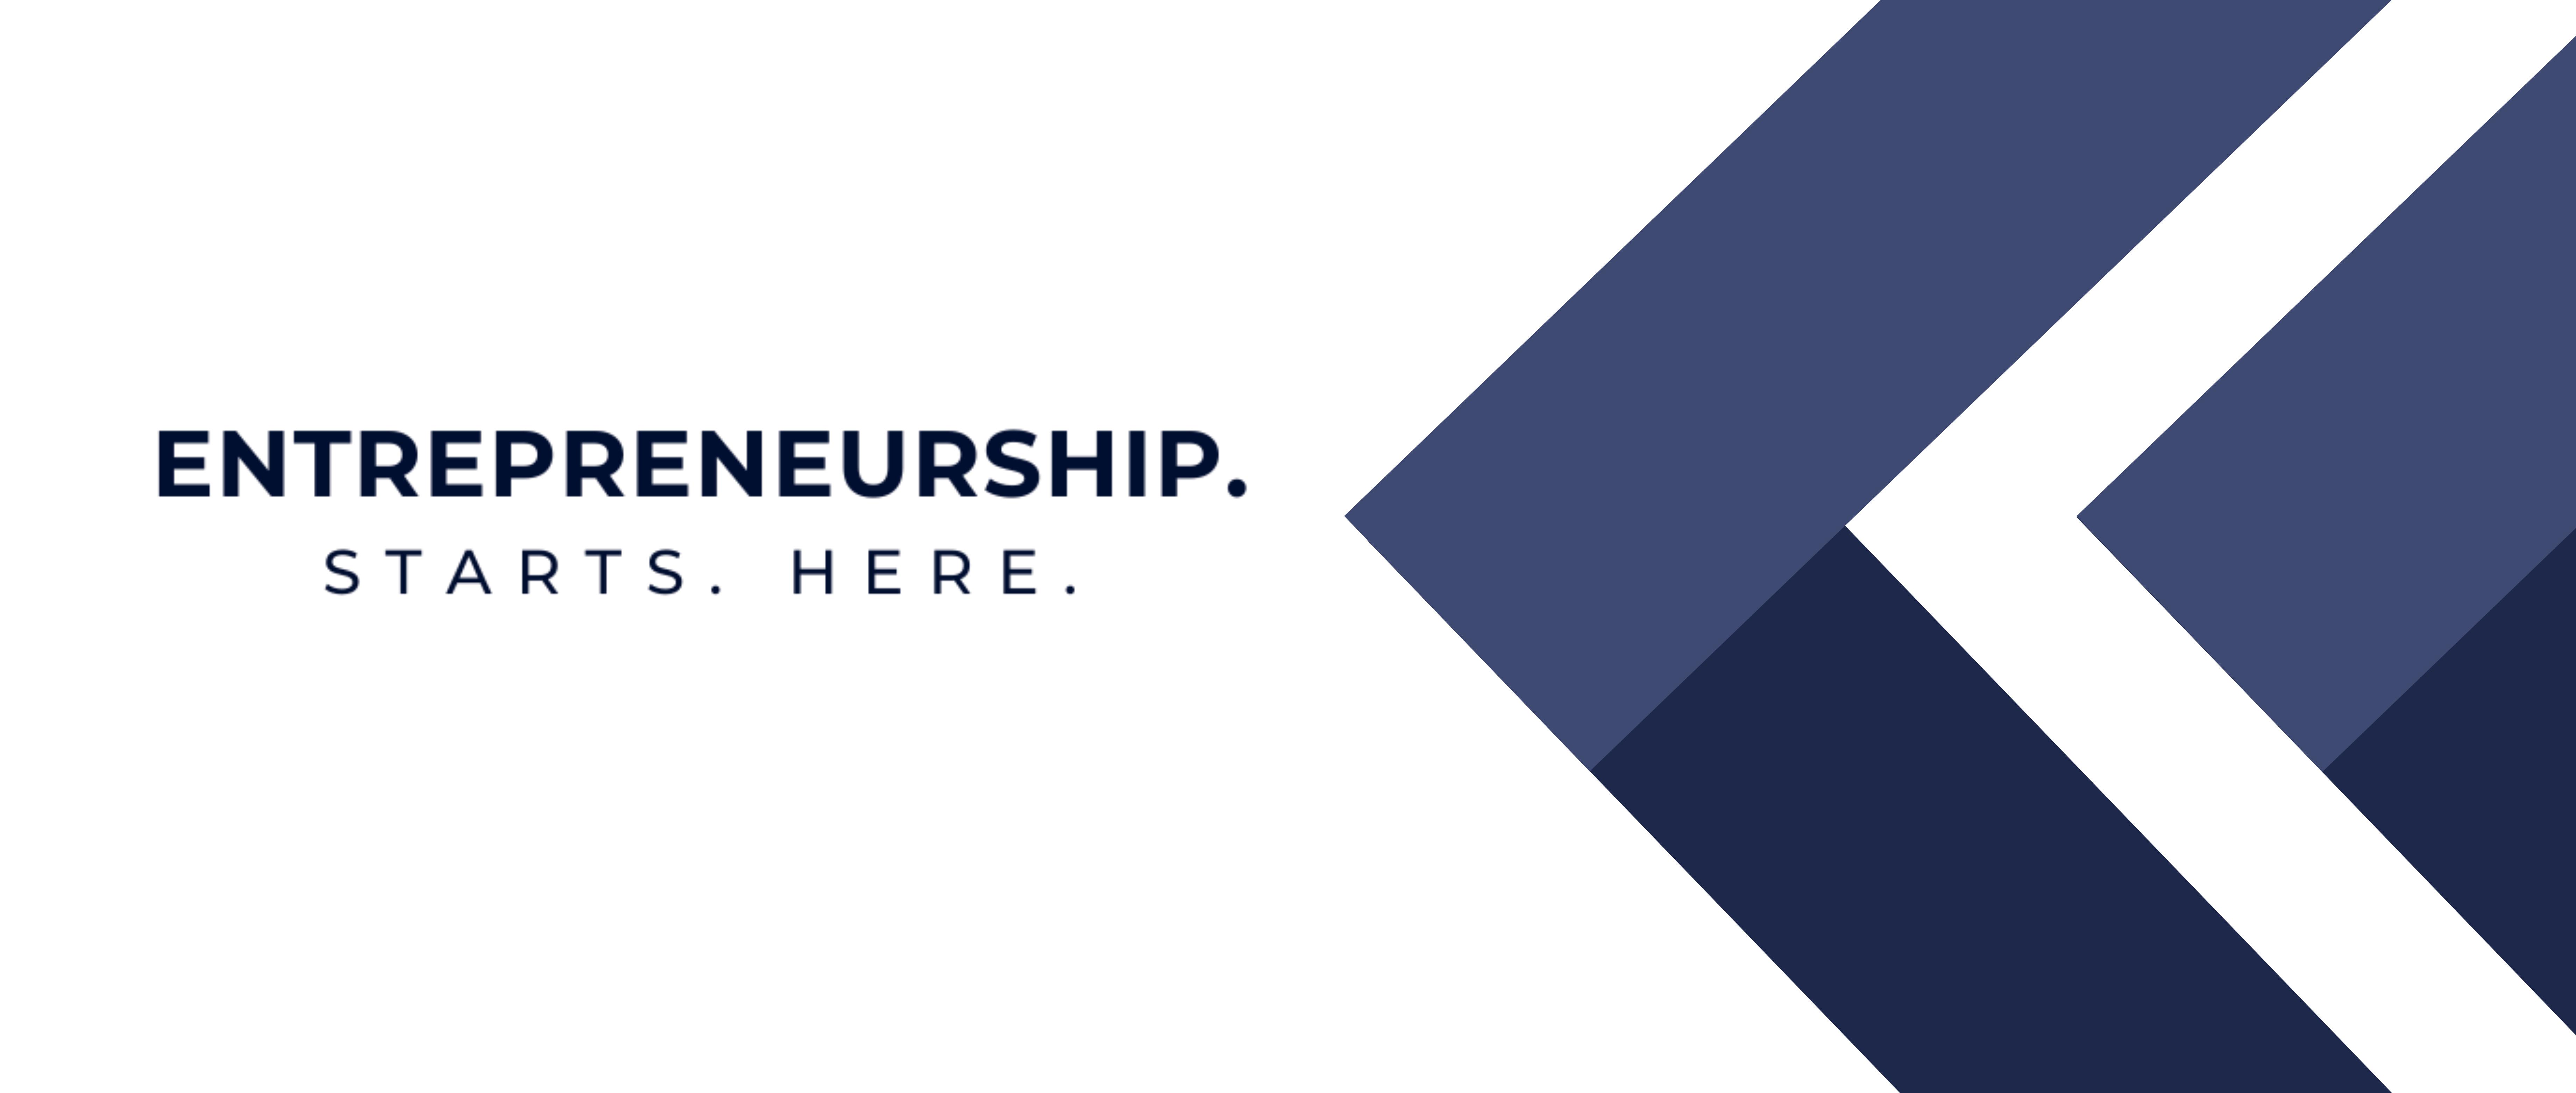 entrepreneurship starts here